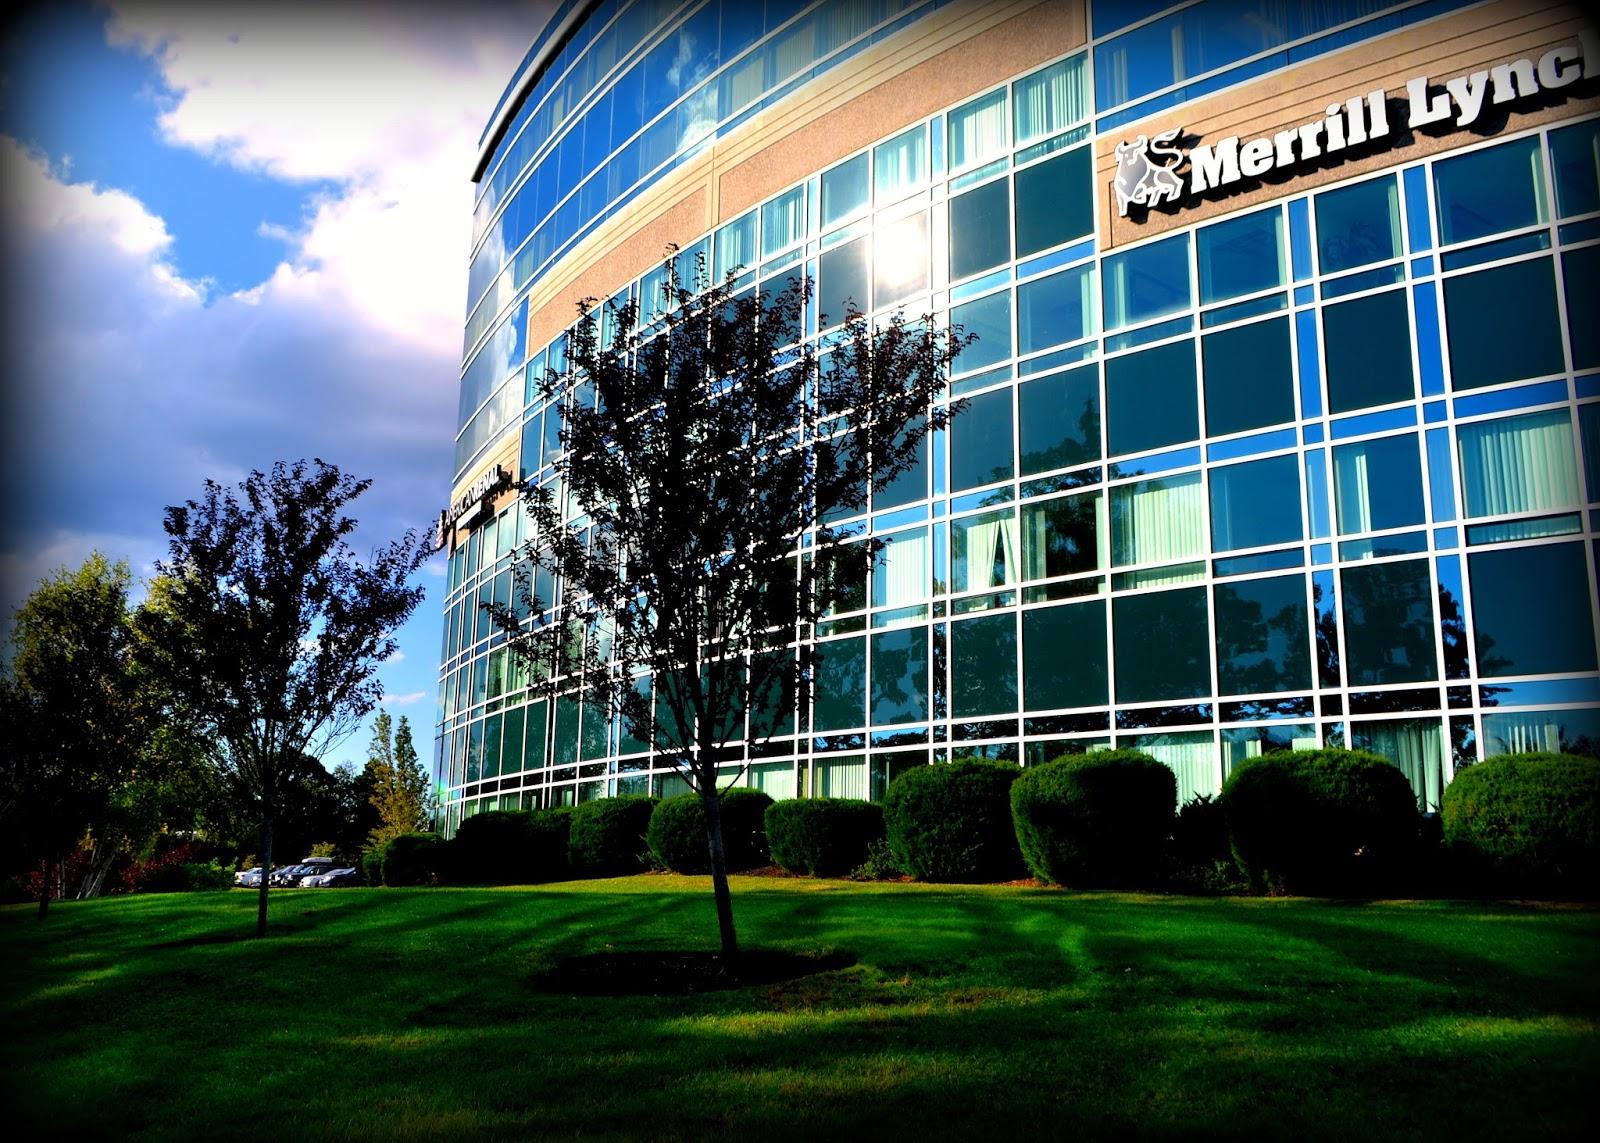 cummings center, reflections, grass, clouds, shadows